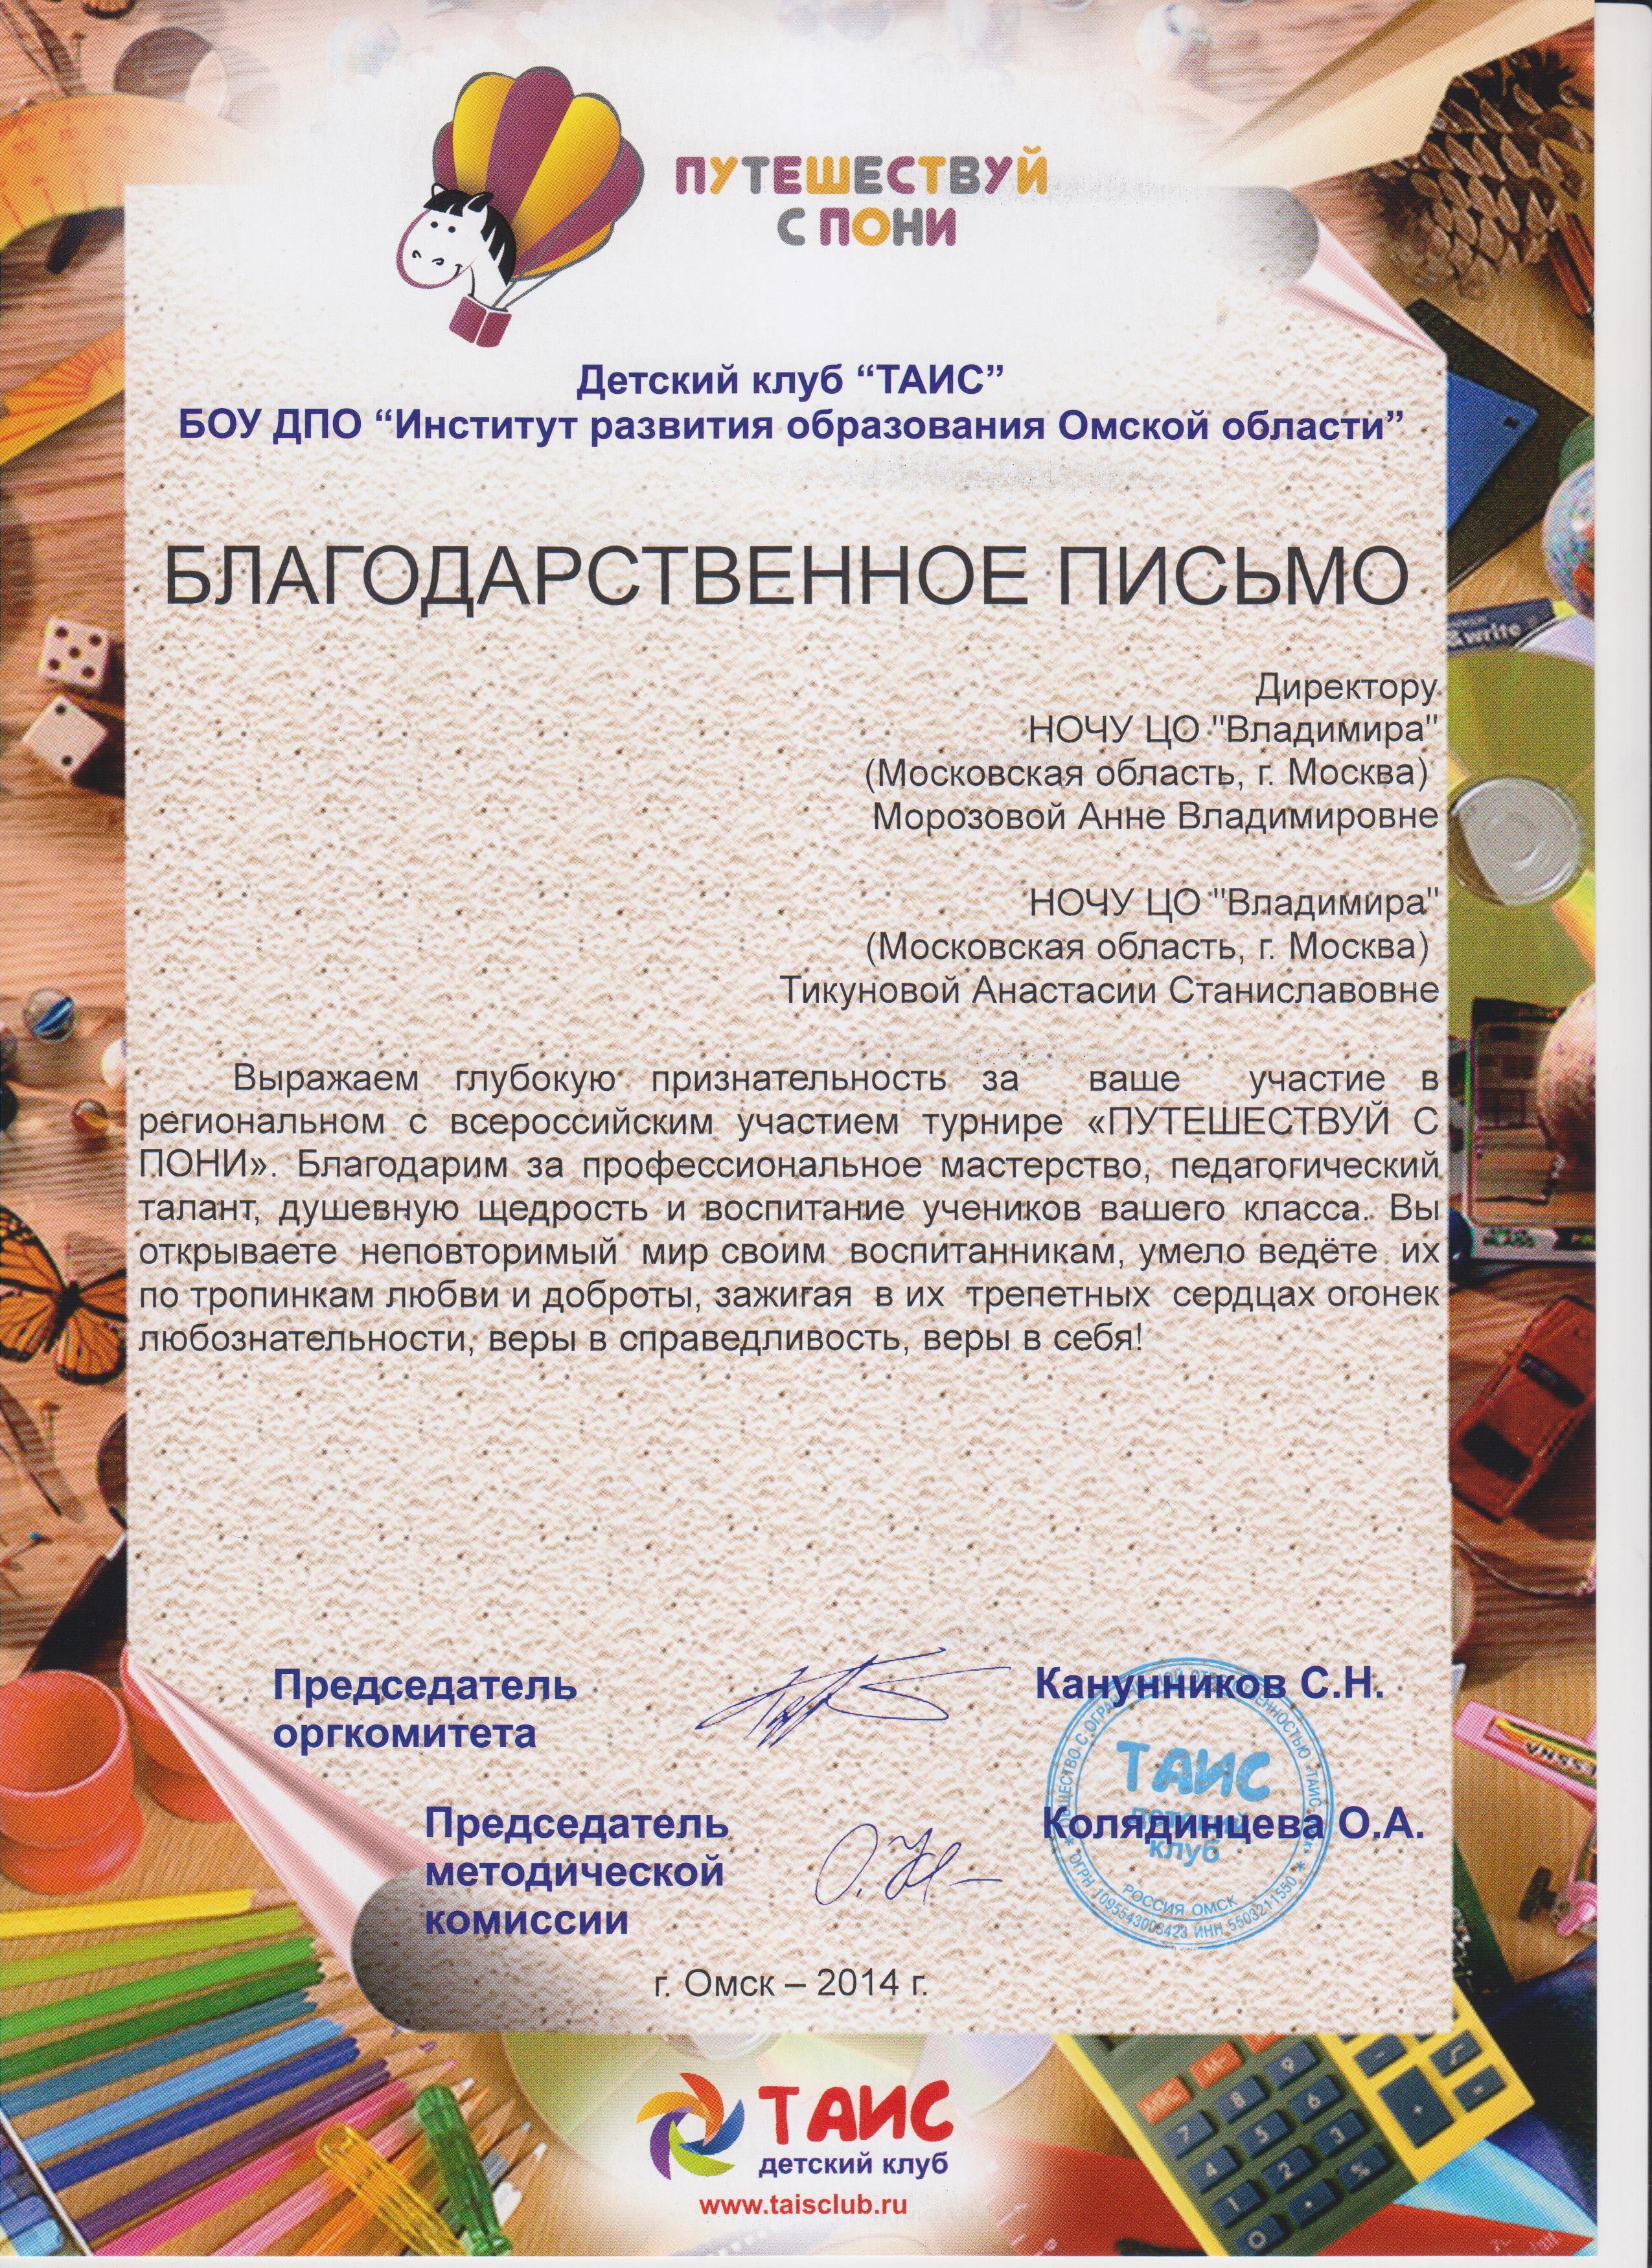 Наши достижения архив дипломов Центр образования Владимира  001